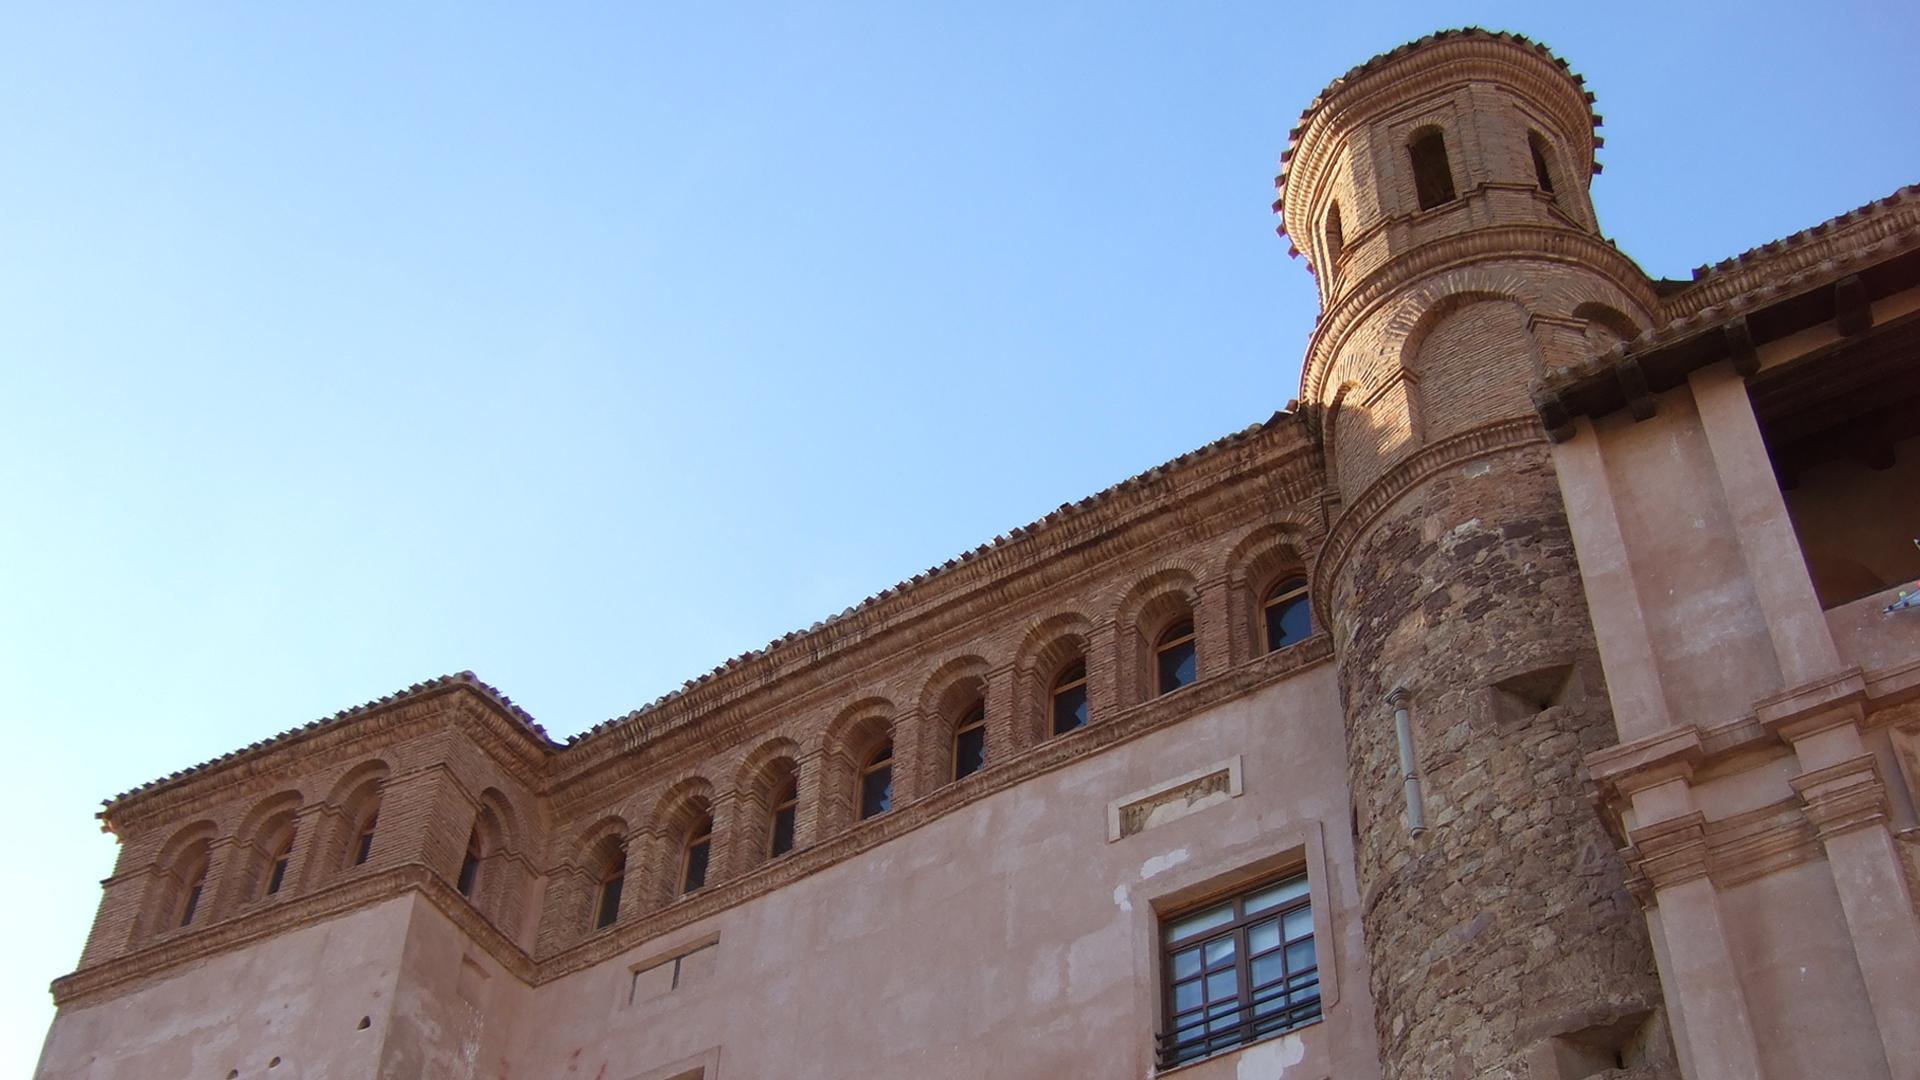 http://www.marivella.com/wp-content/uploads/2016/12/palacio-de-los-luna-2.jpg